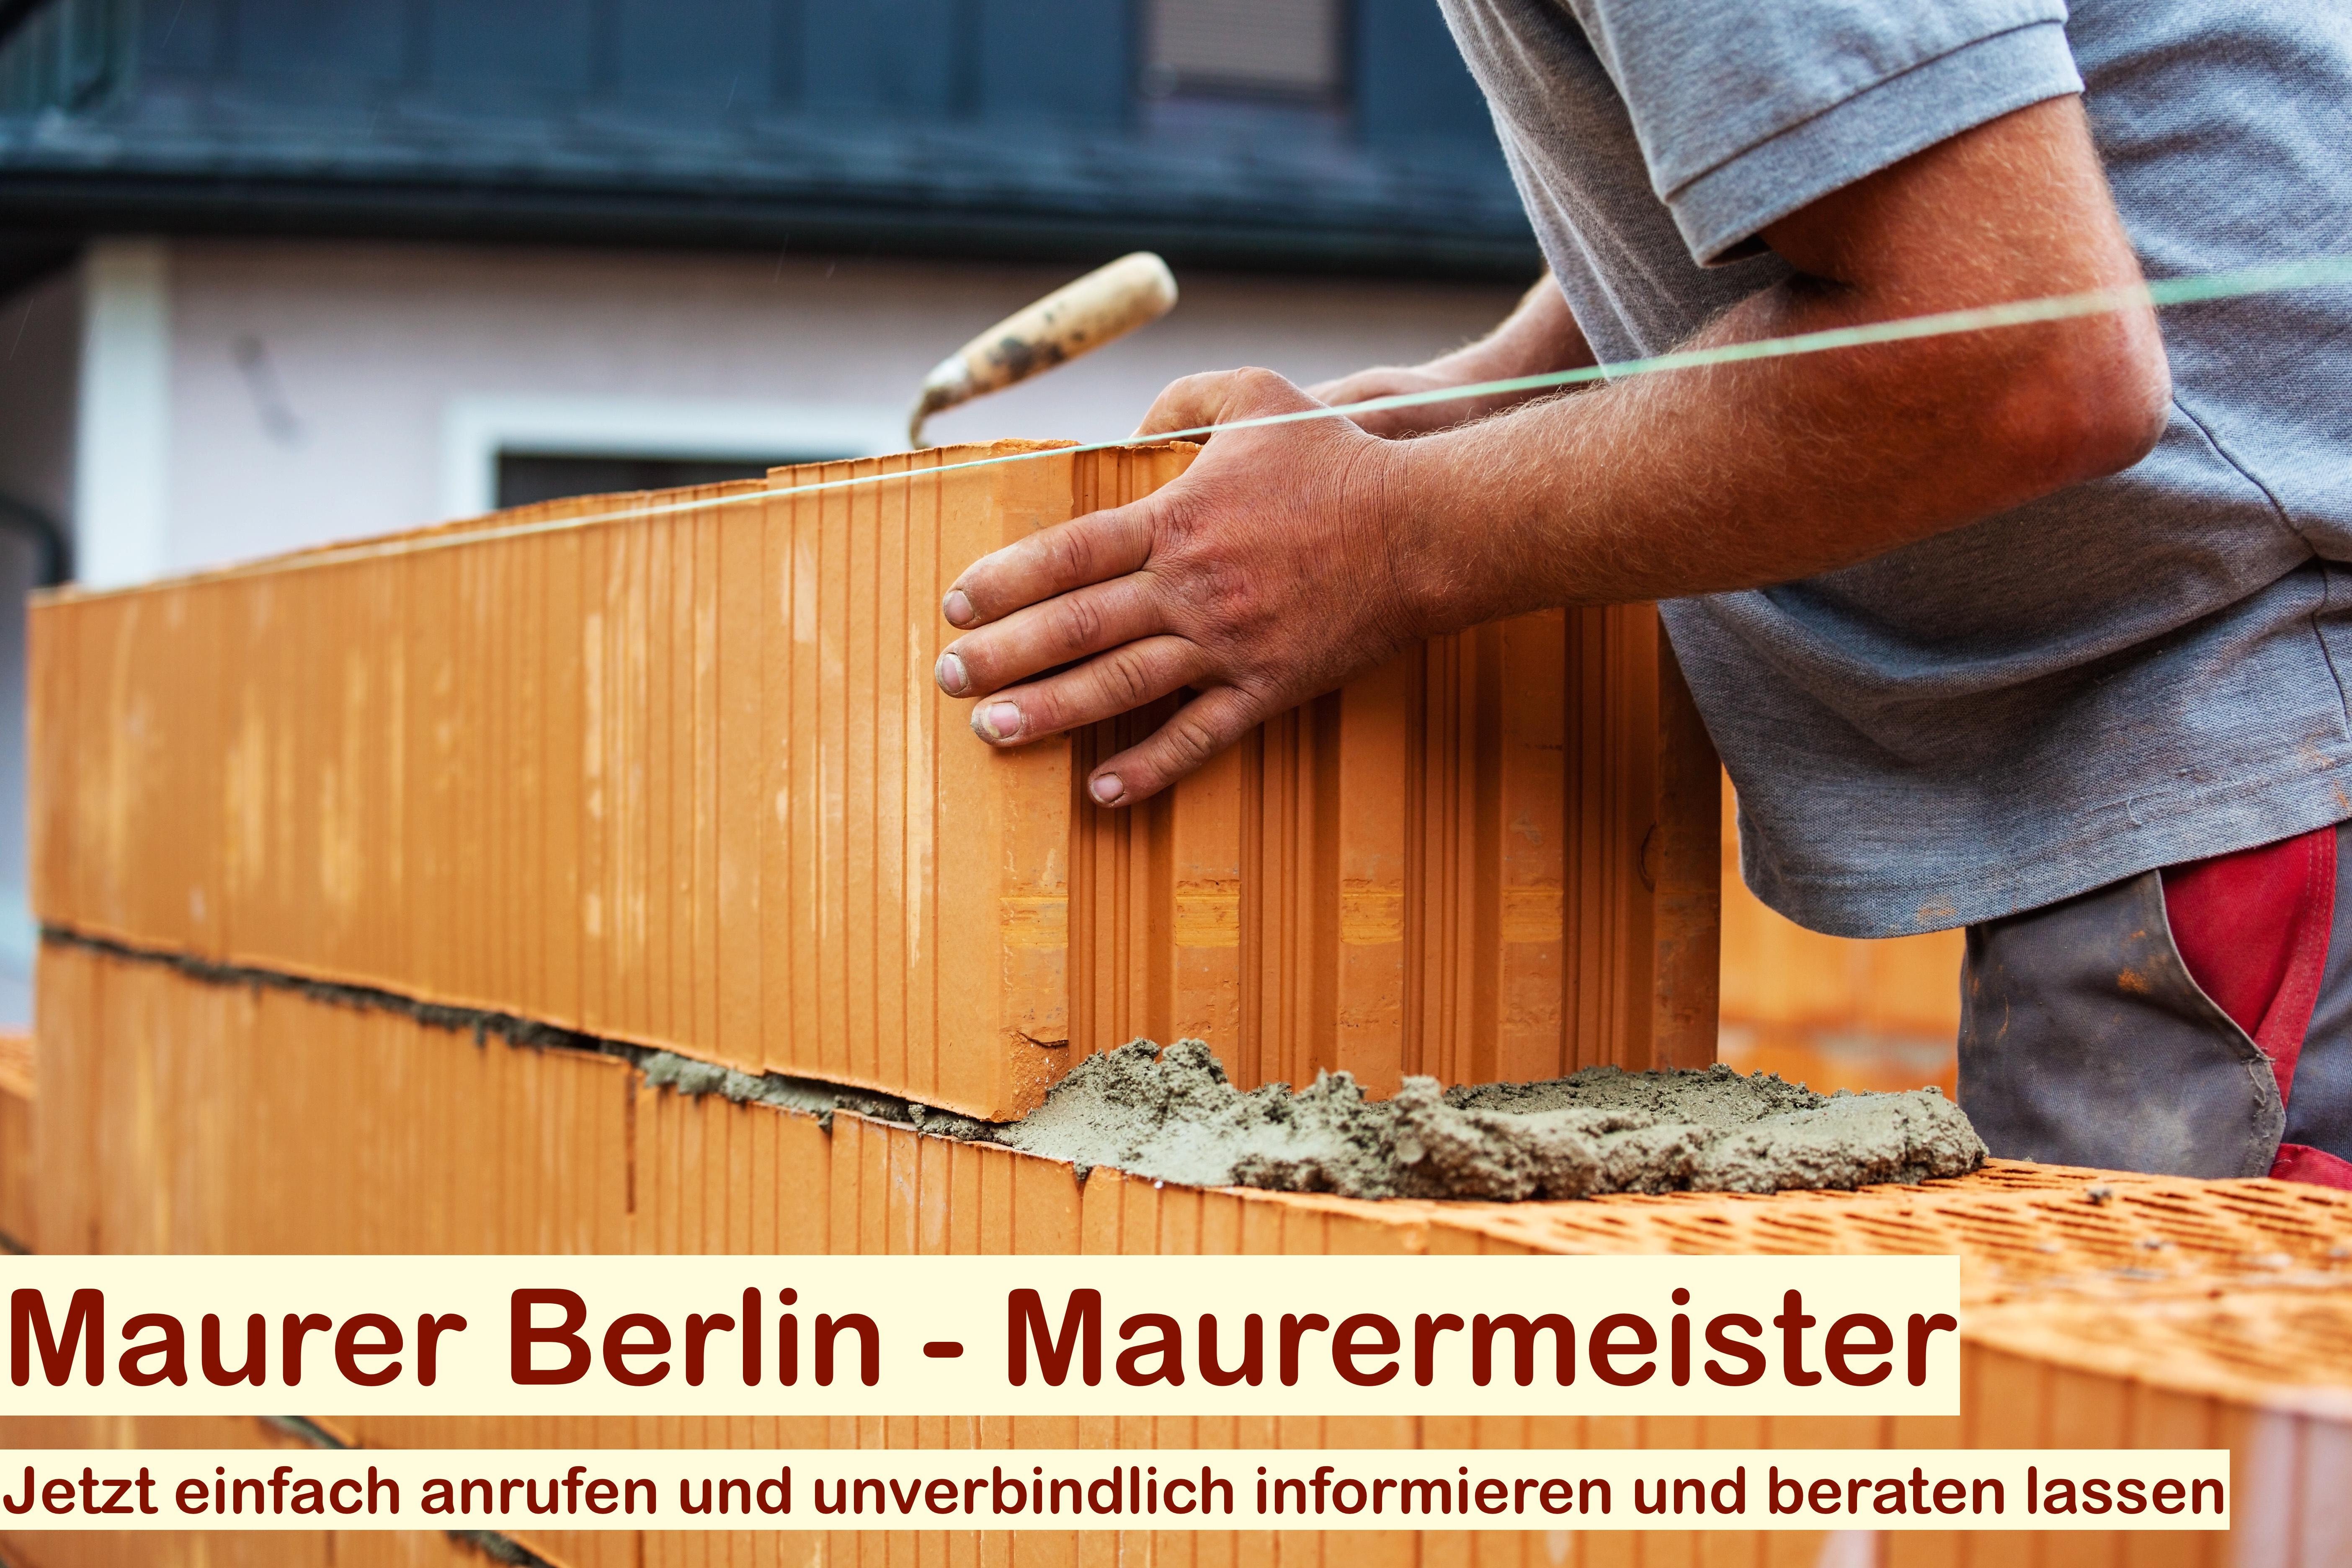 Baupolier Berlin - Bauarbeiten